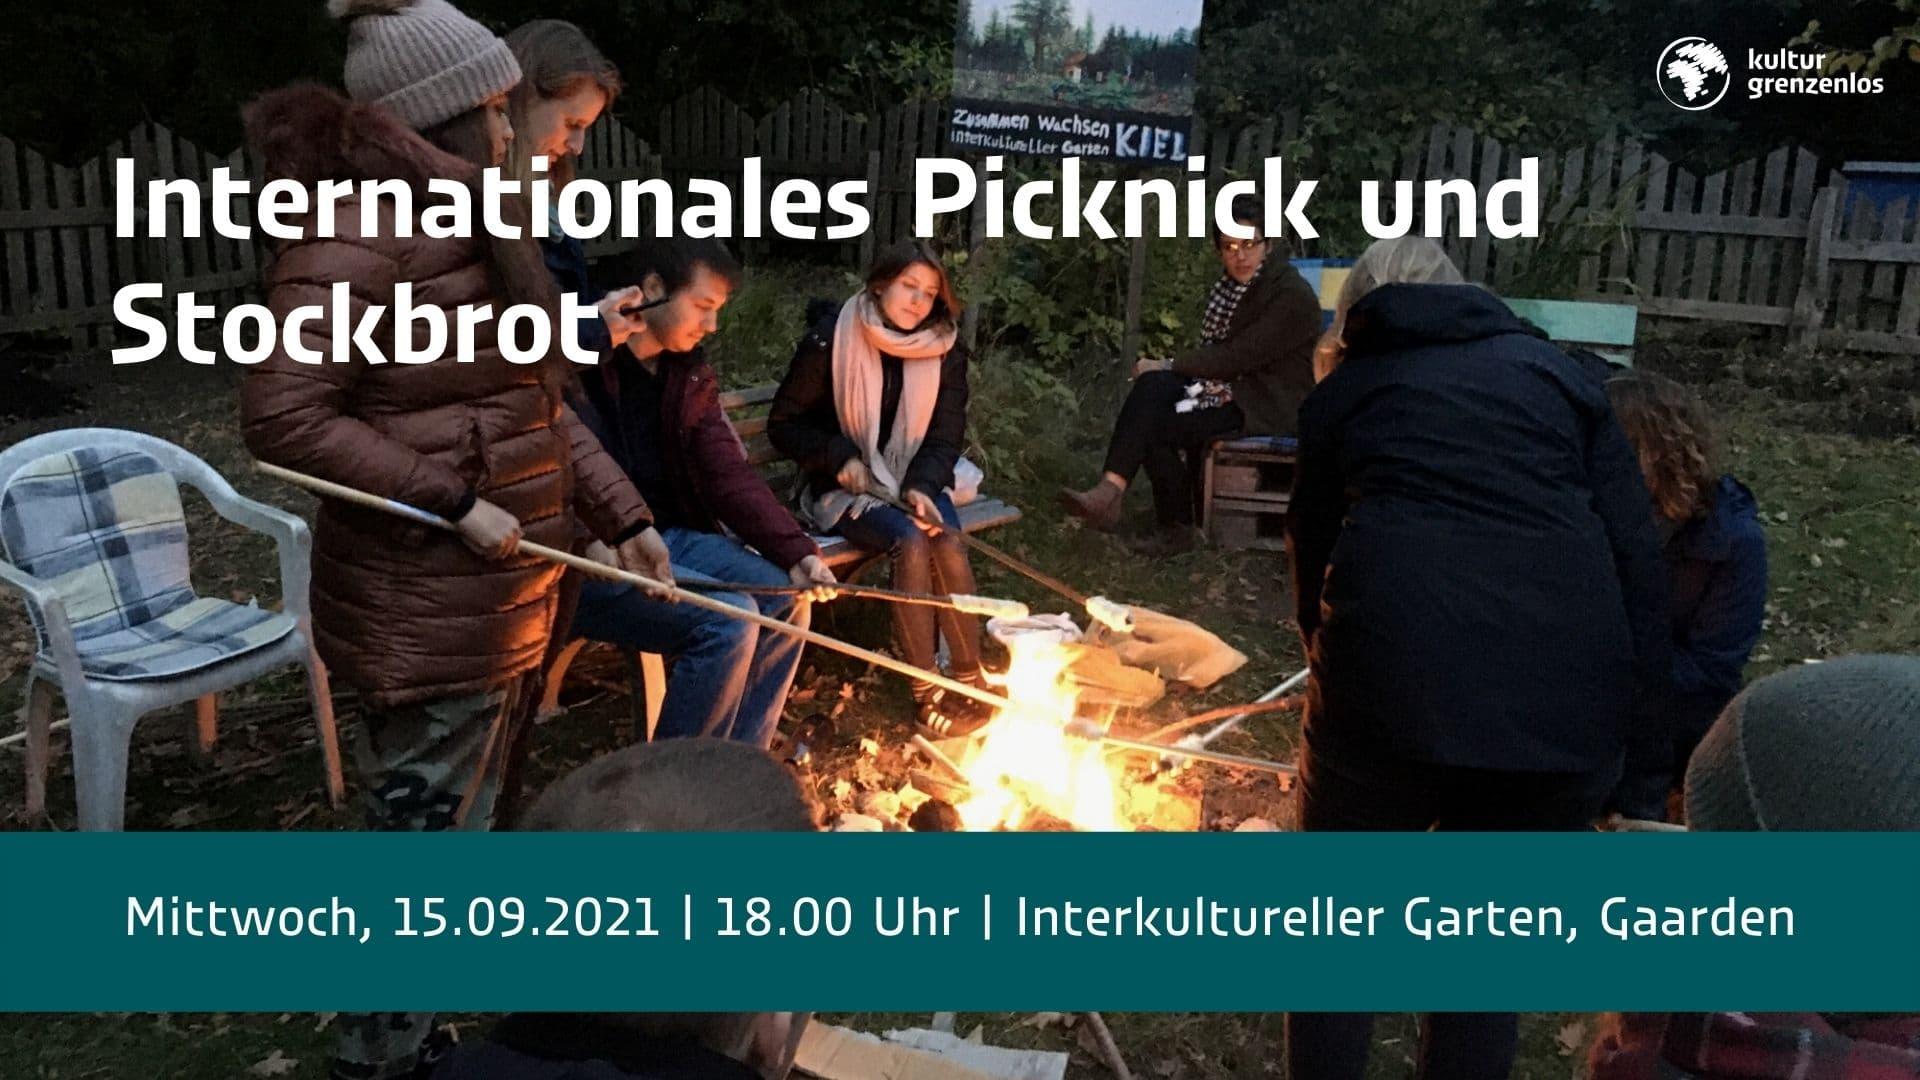 Picknick mit Stockbrot im Interkulturellen Garten